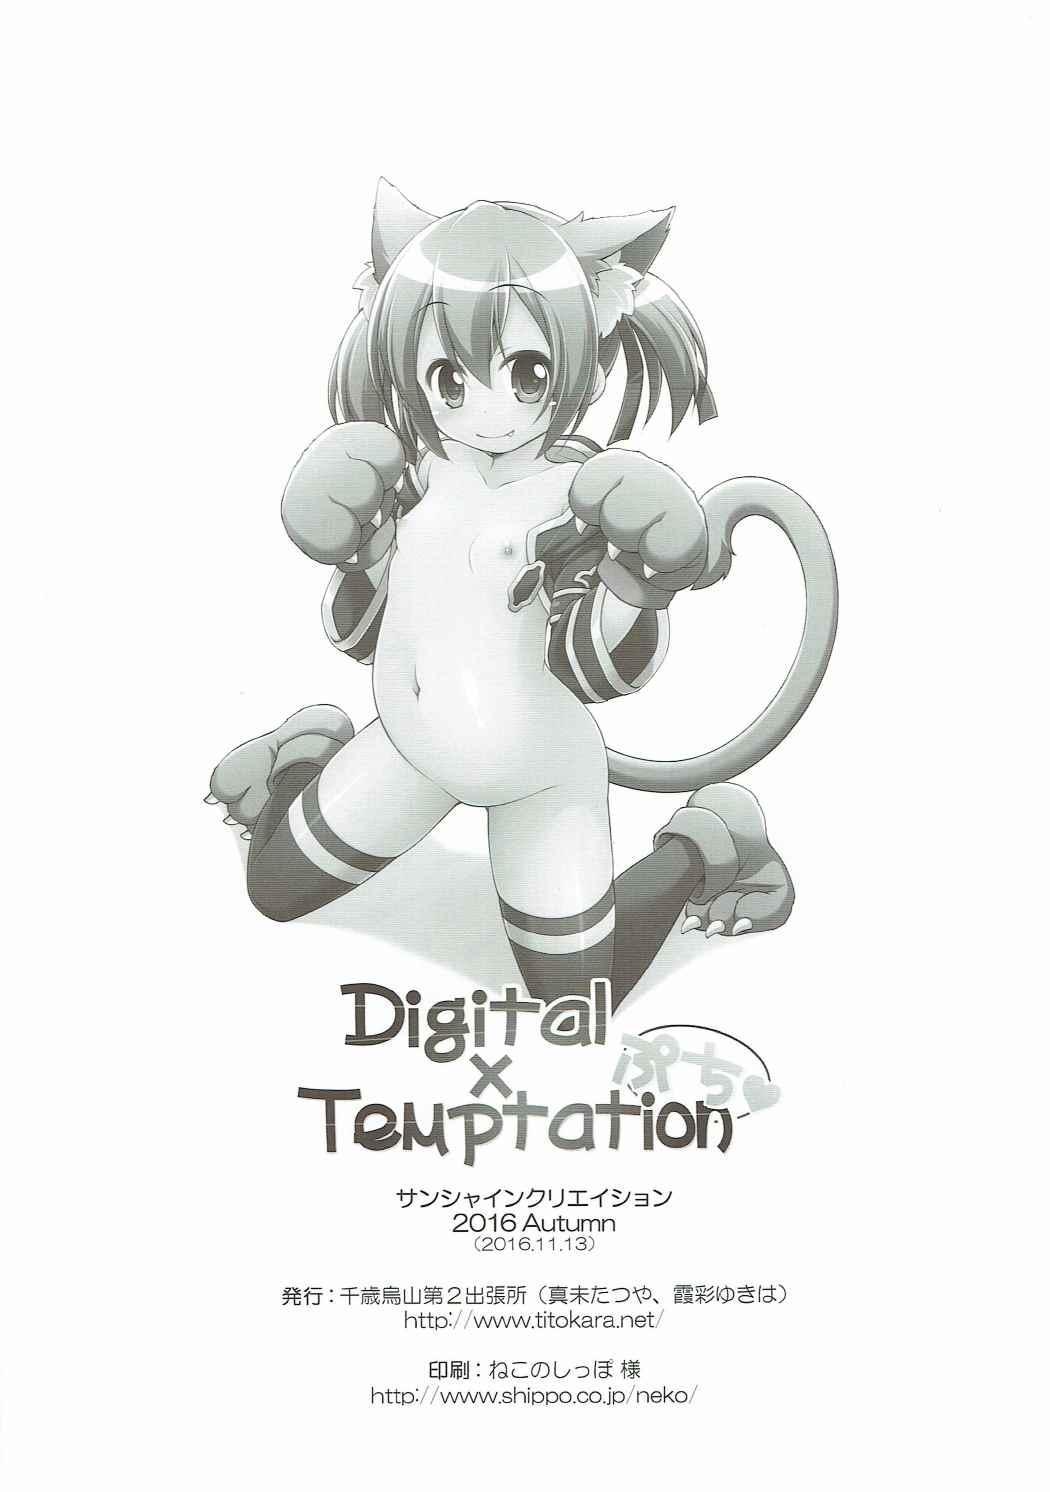 Digital x Temptation Petit 10